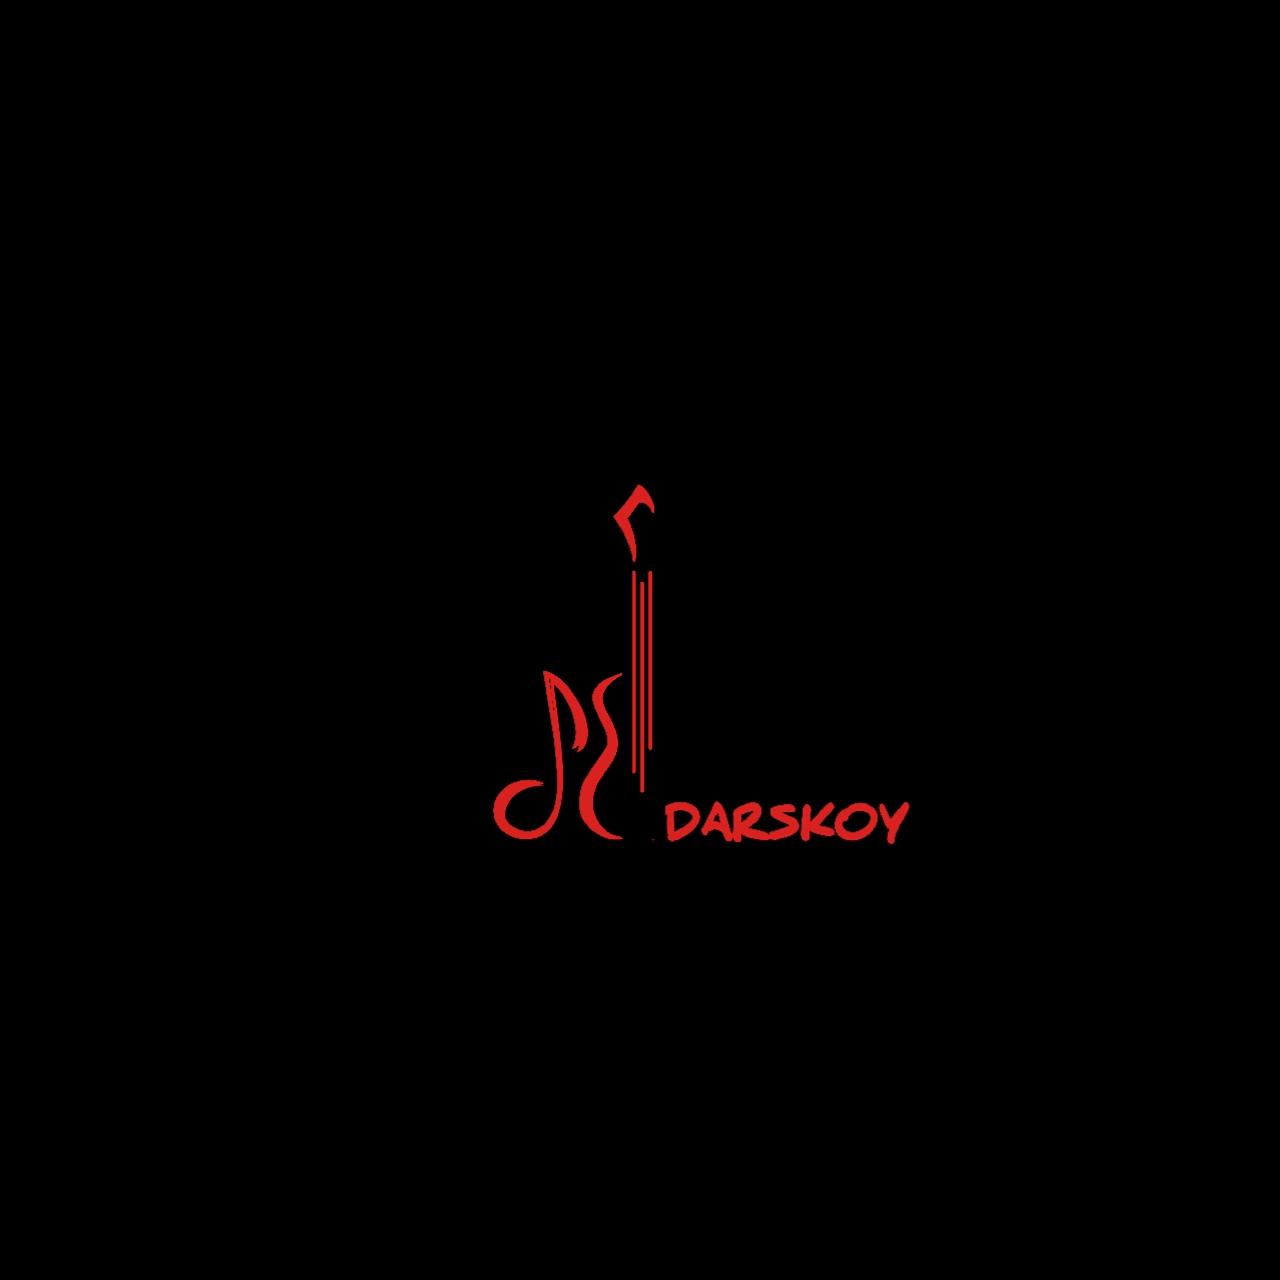 Нарисовать логотип для сольного музыкального проекта фото f_5945ba6a7dfa4fae.jpg